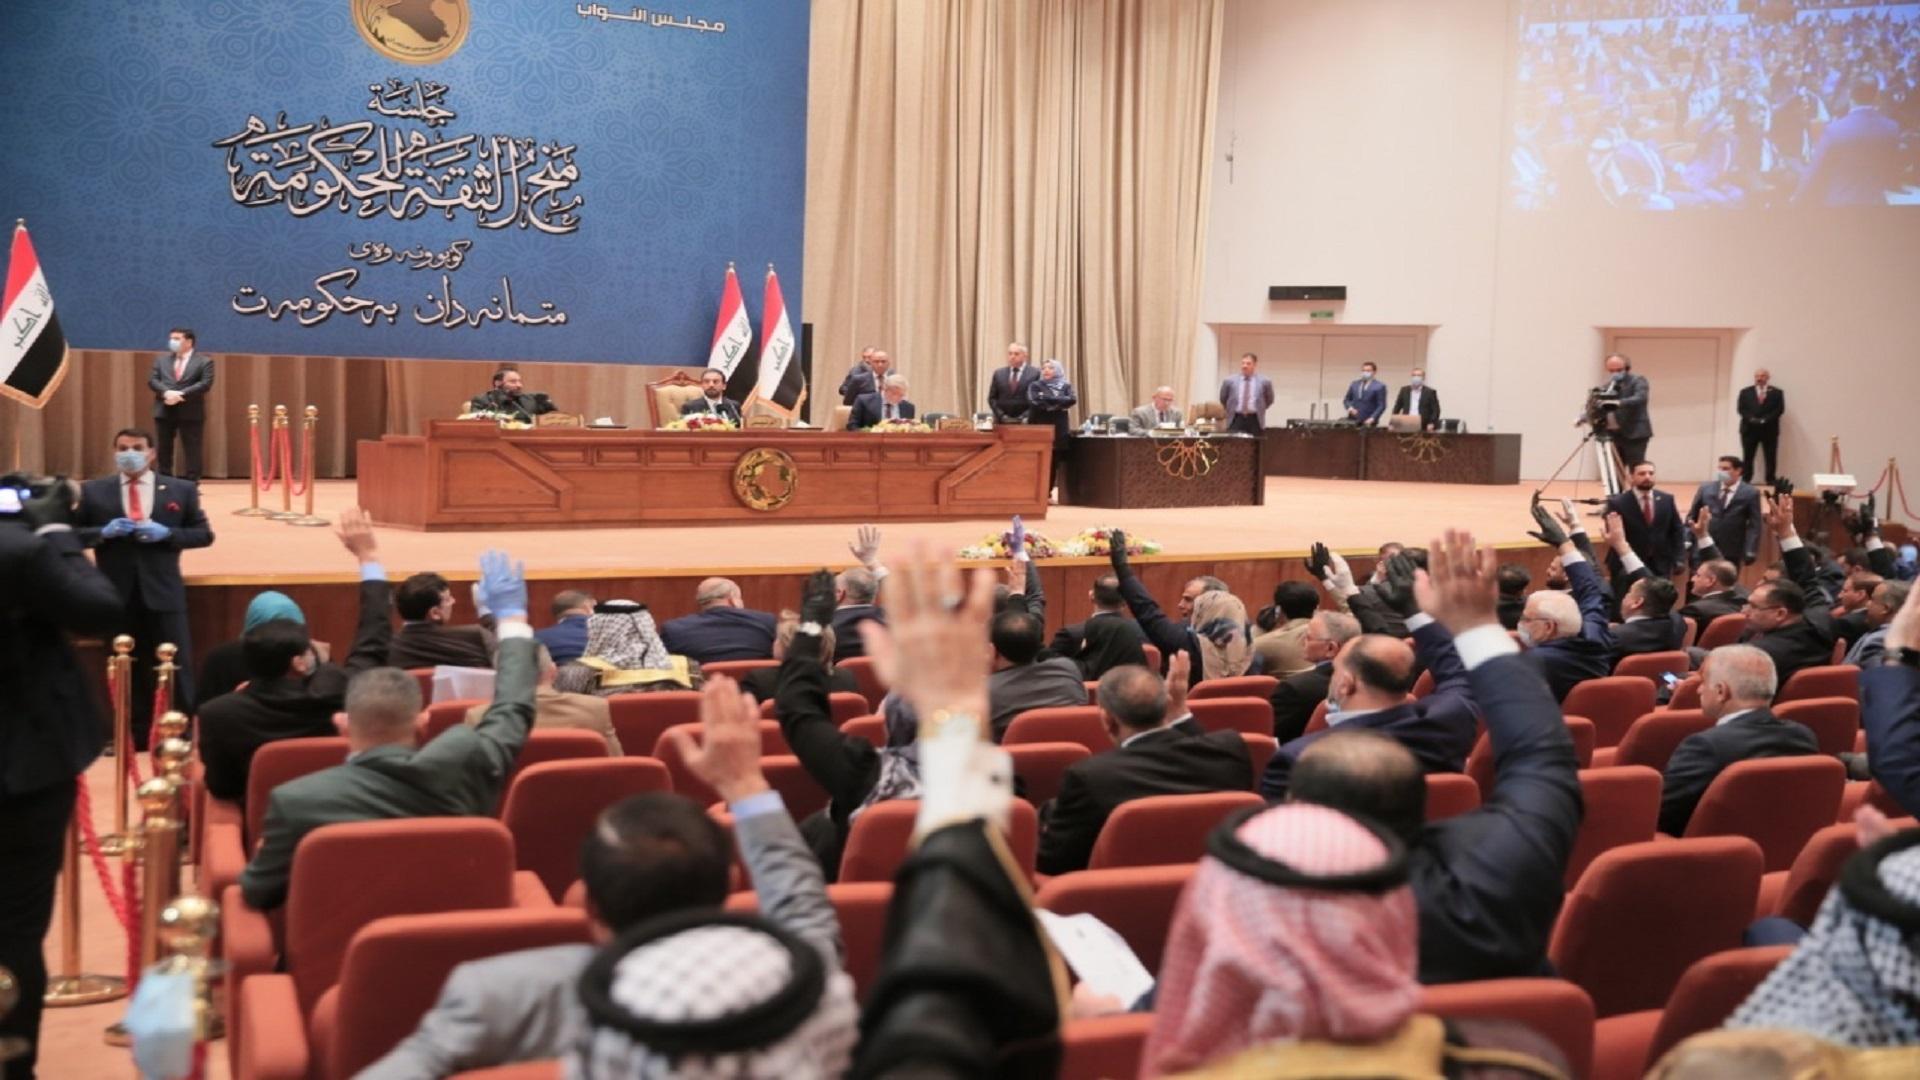 البرلمان العراقي يقرأ قانون التقاعد الأسبوع المقبل.. هذا ما سيوفره للعاطلين